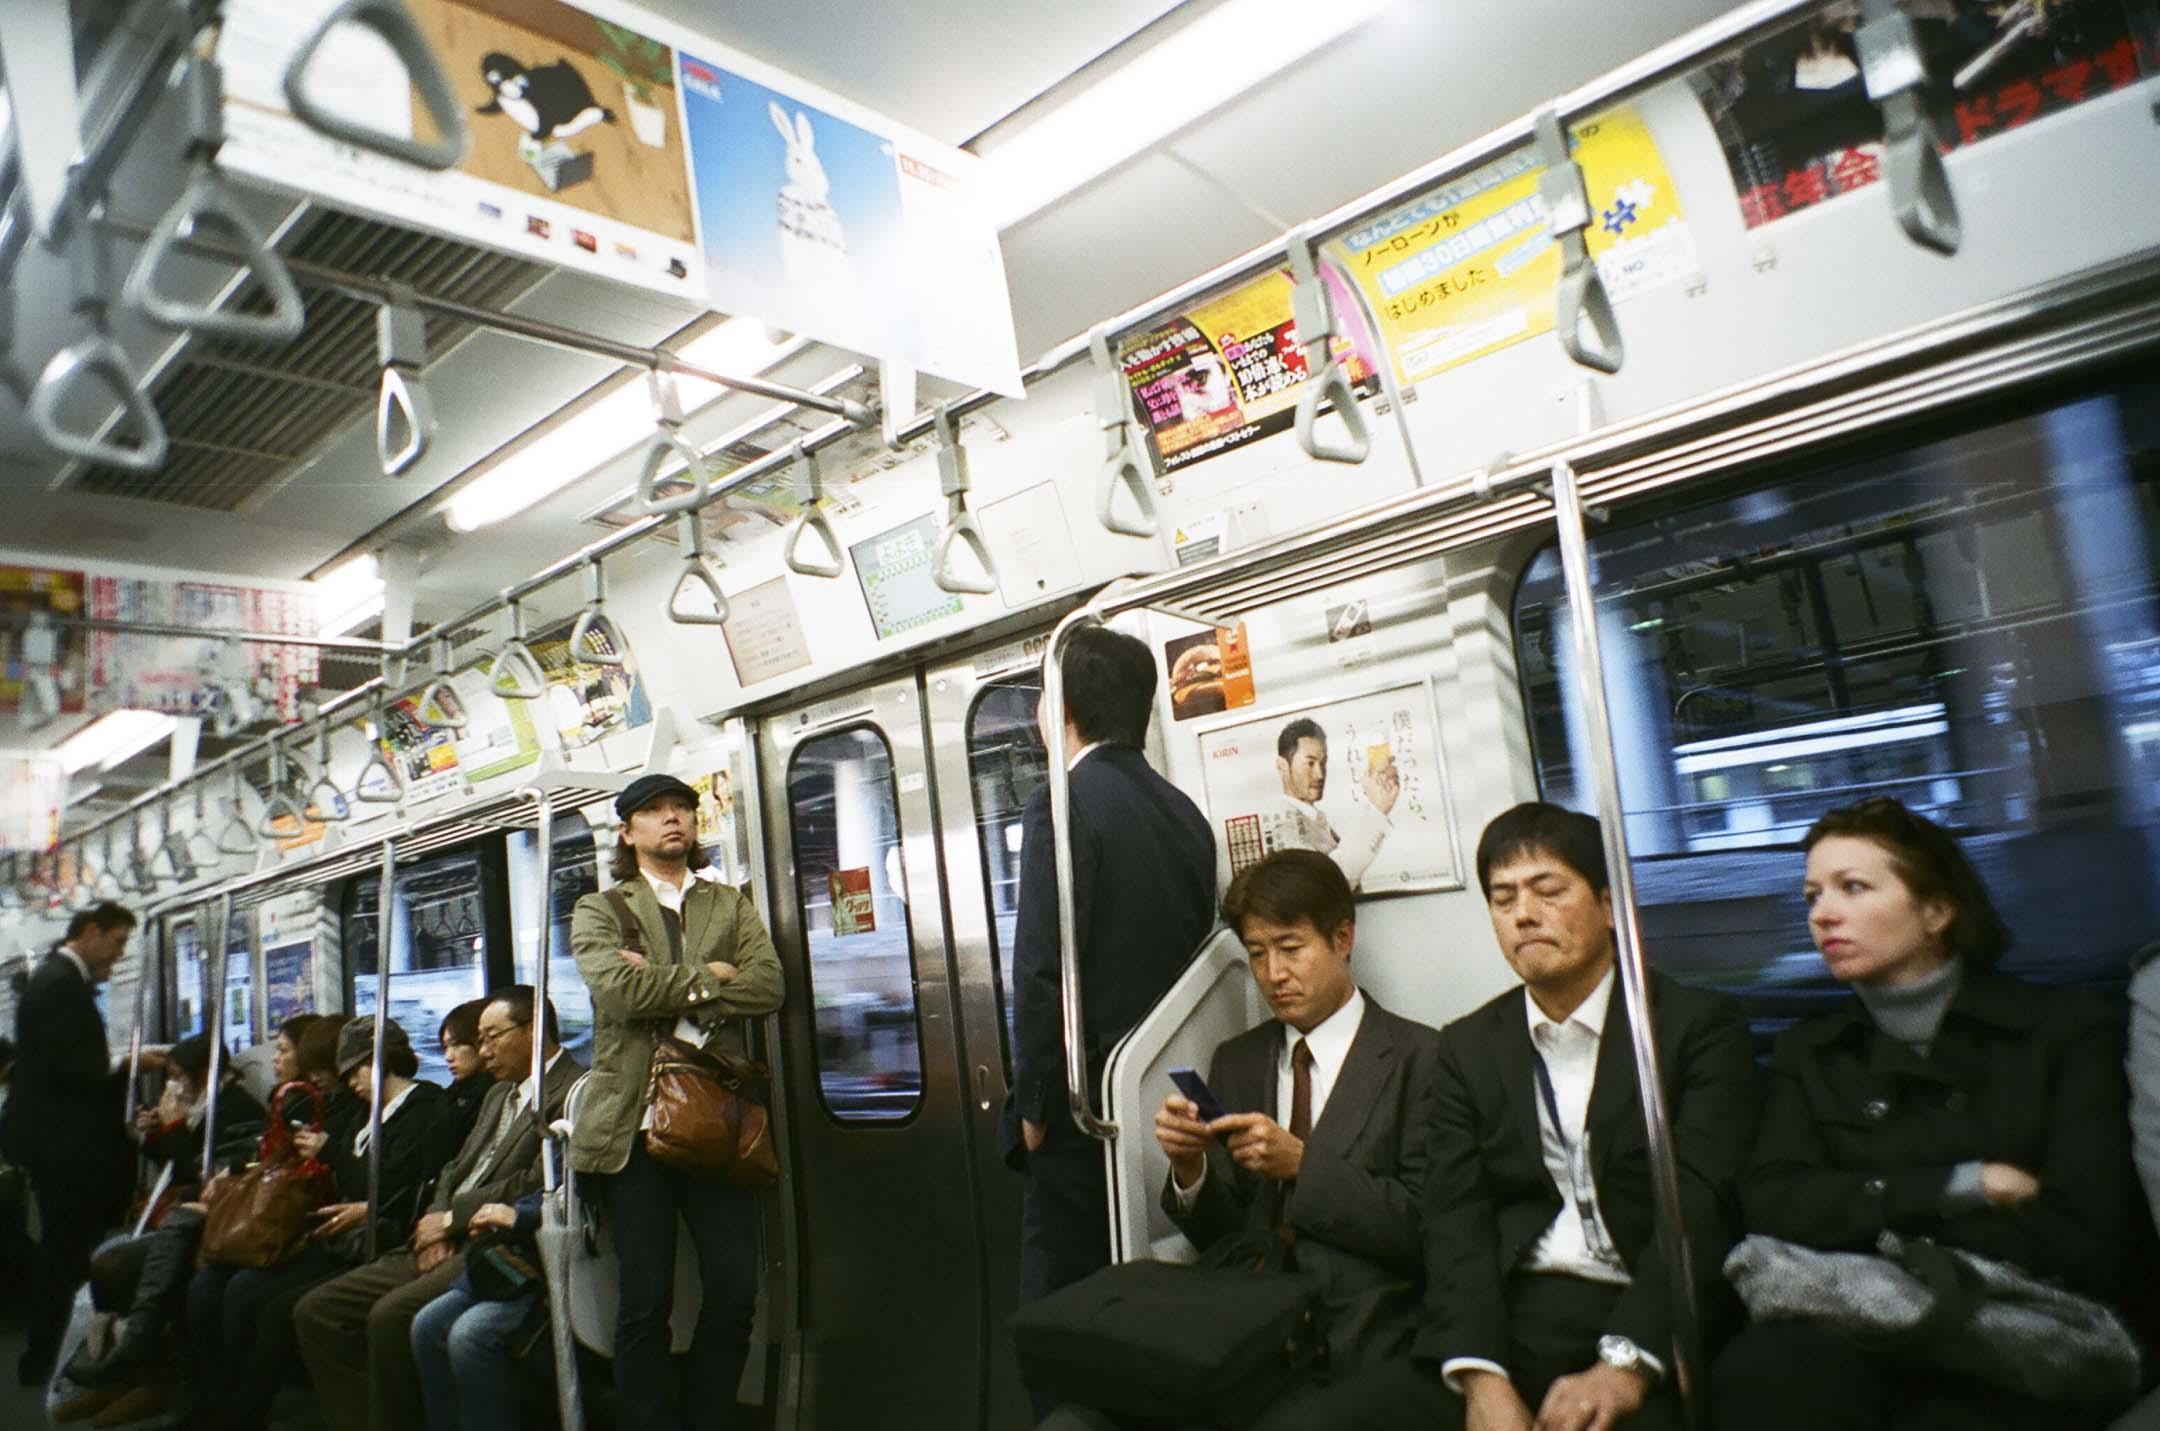 日本鐵路一向惹人憧憬,大想因為現實中滿溢鐵路宅迷以及文本中充斥關於鐵路文化的作品之故,令到旁觀者常有無限遐想。  攝:林振東/端傳媒